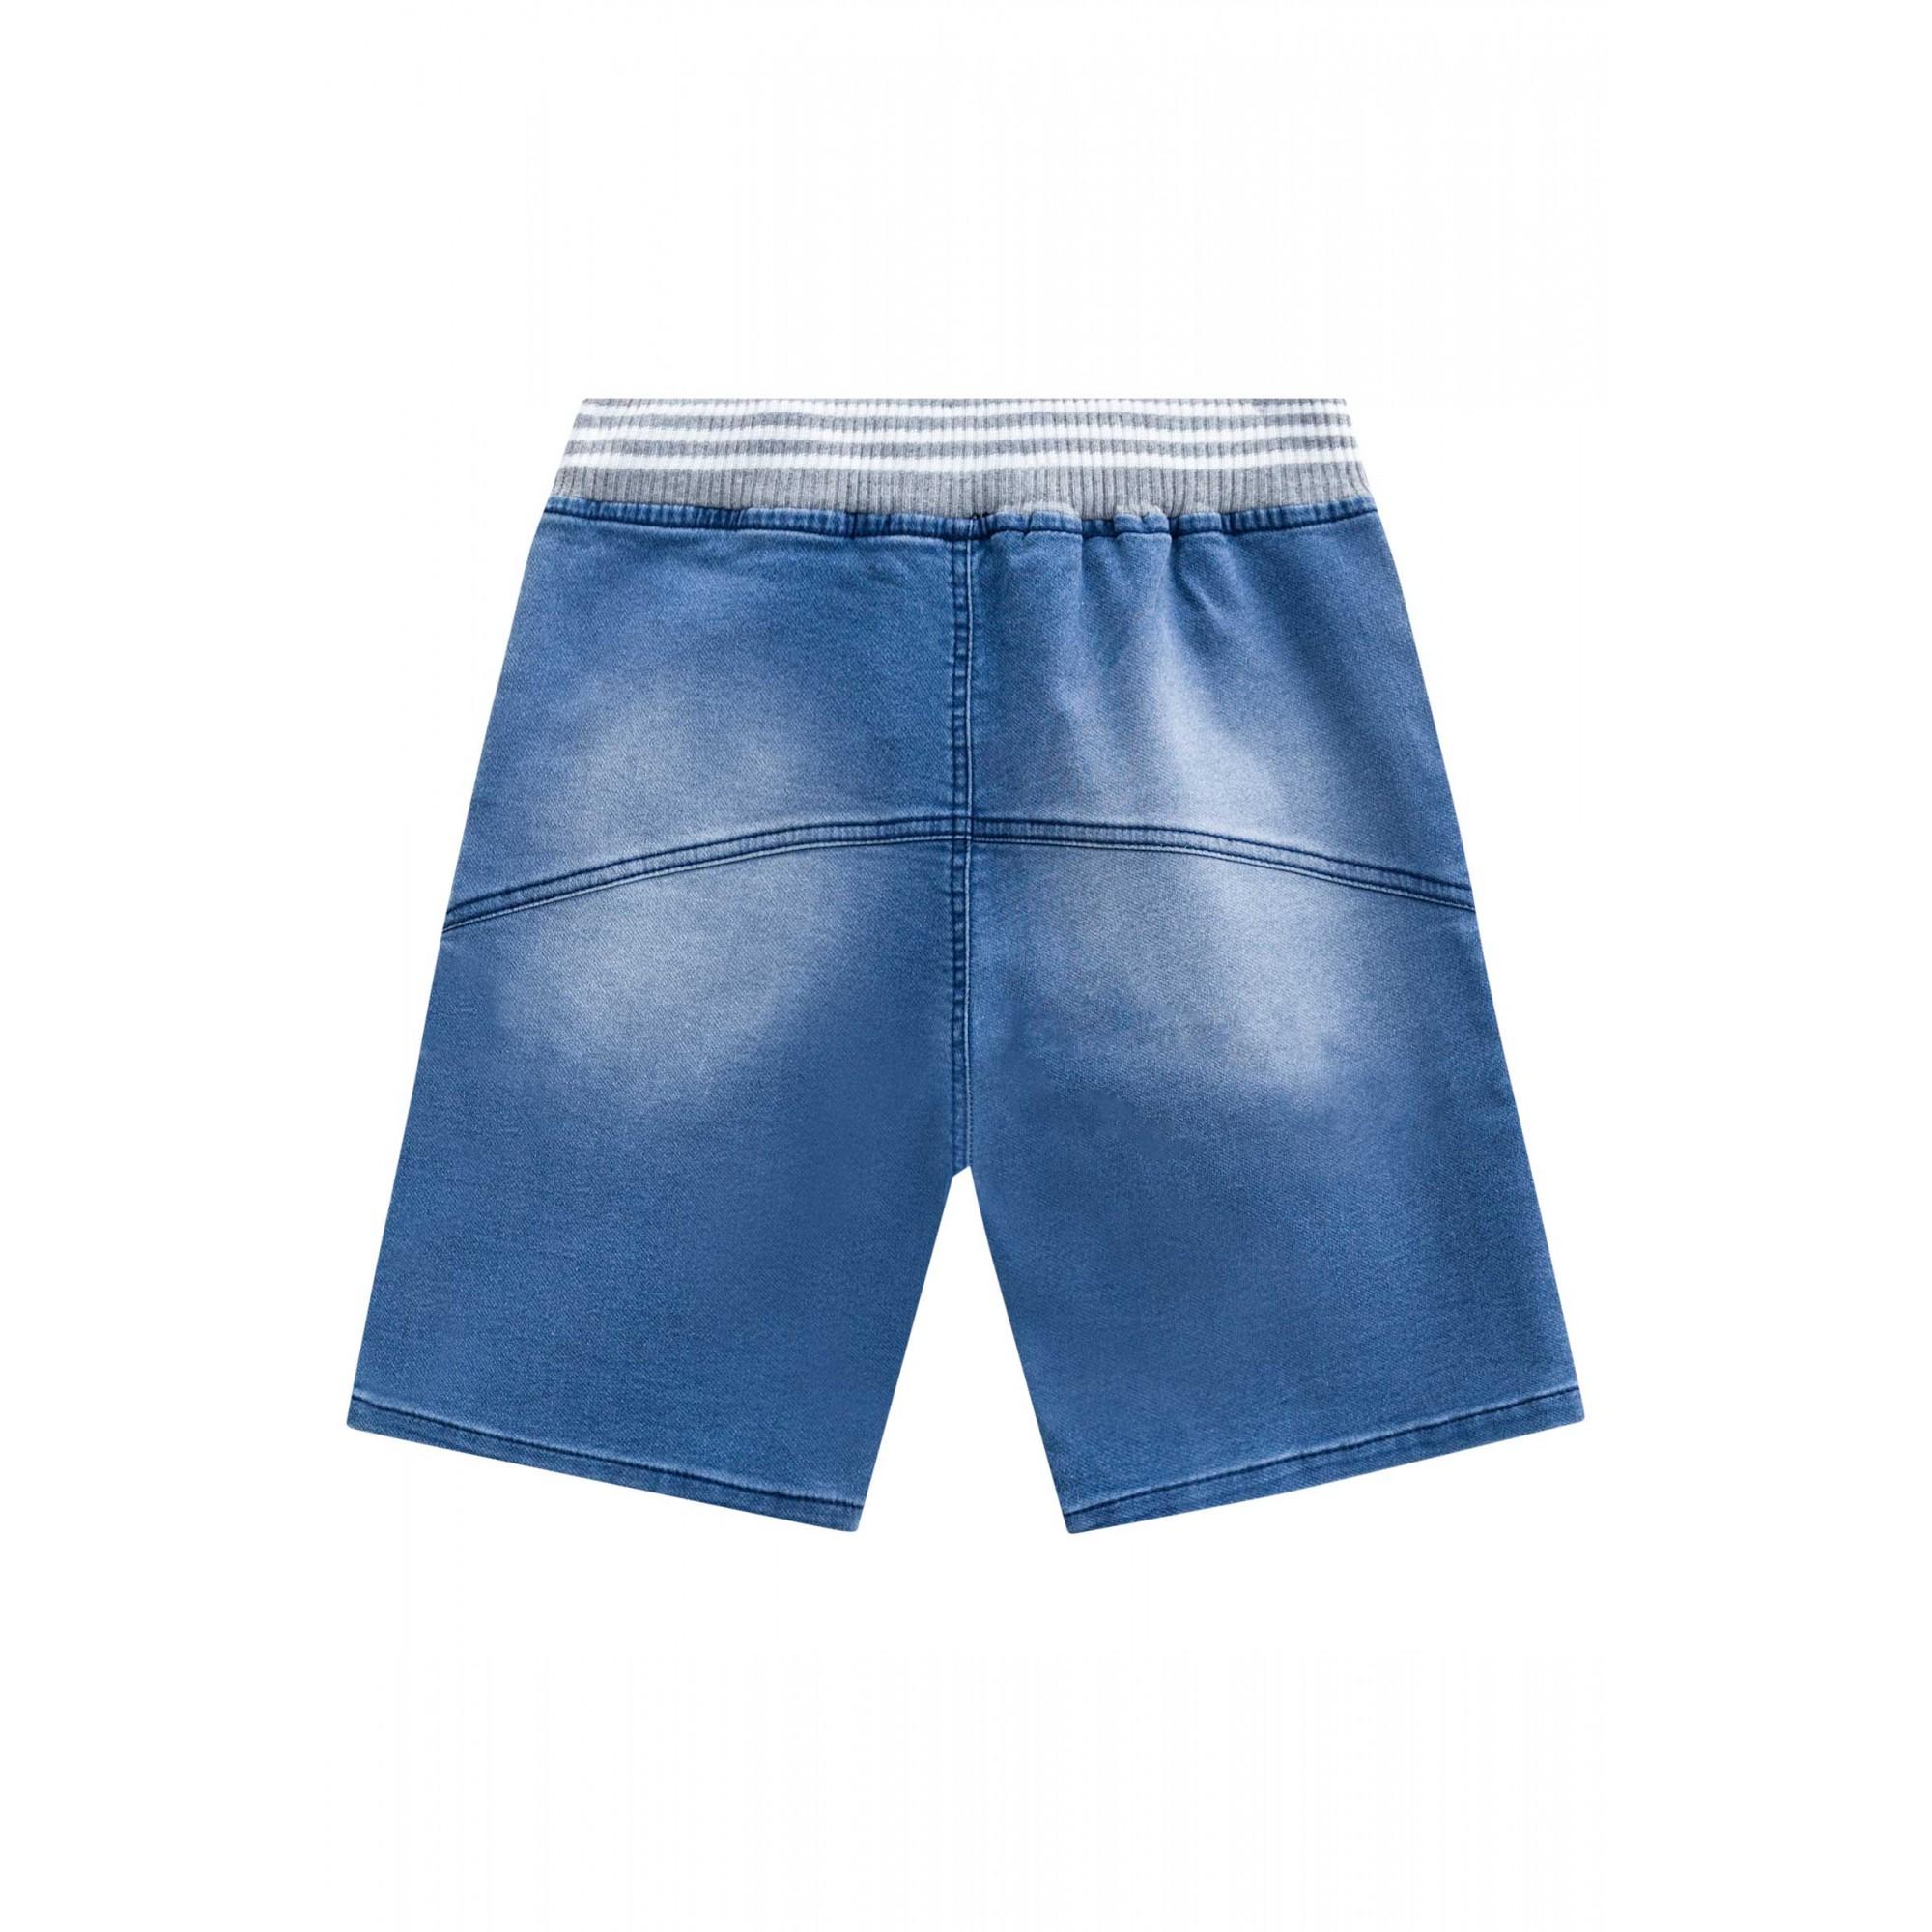 Bermuda Jeans com cós de moletom